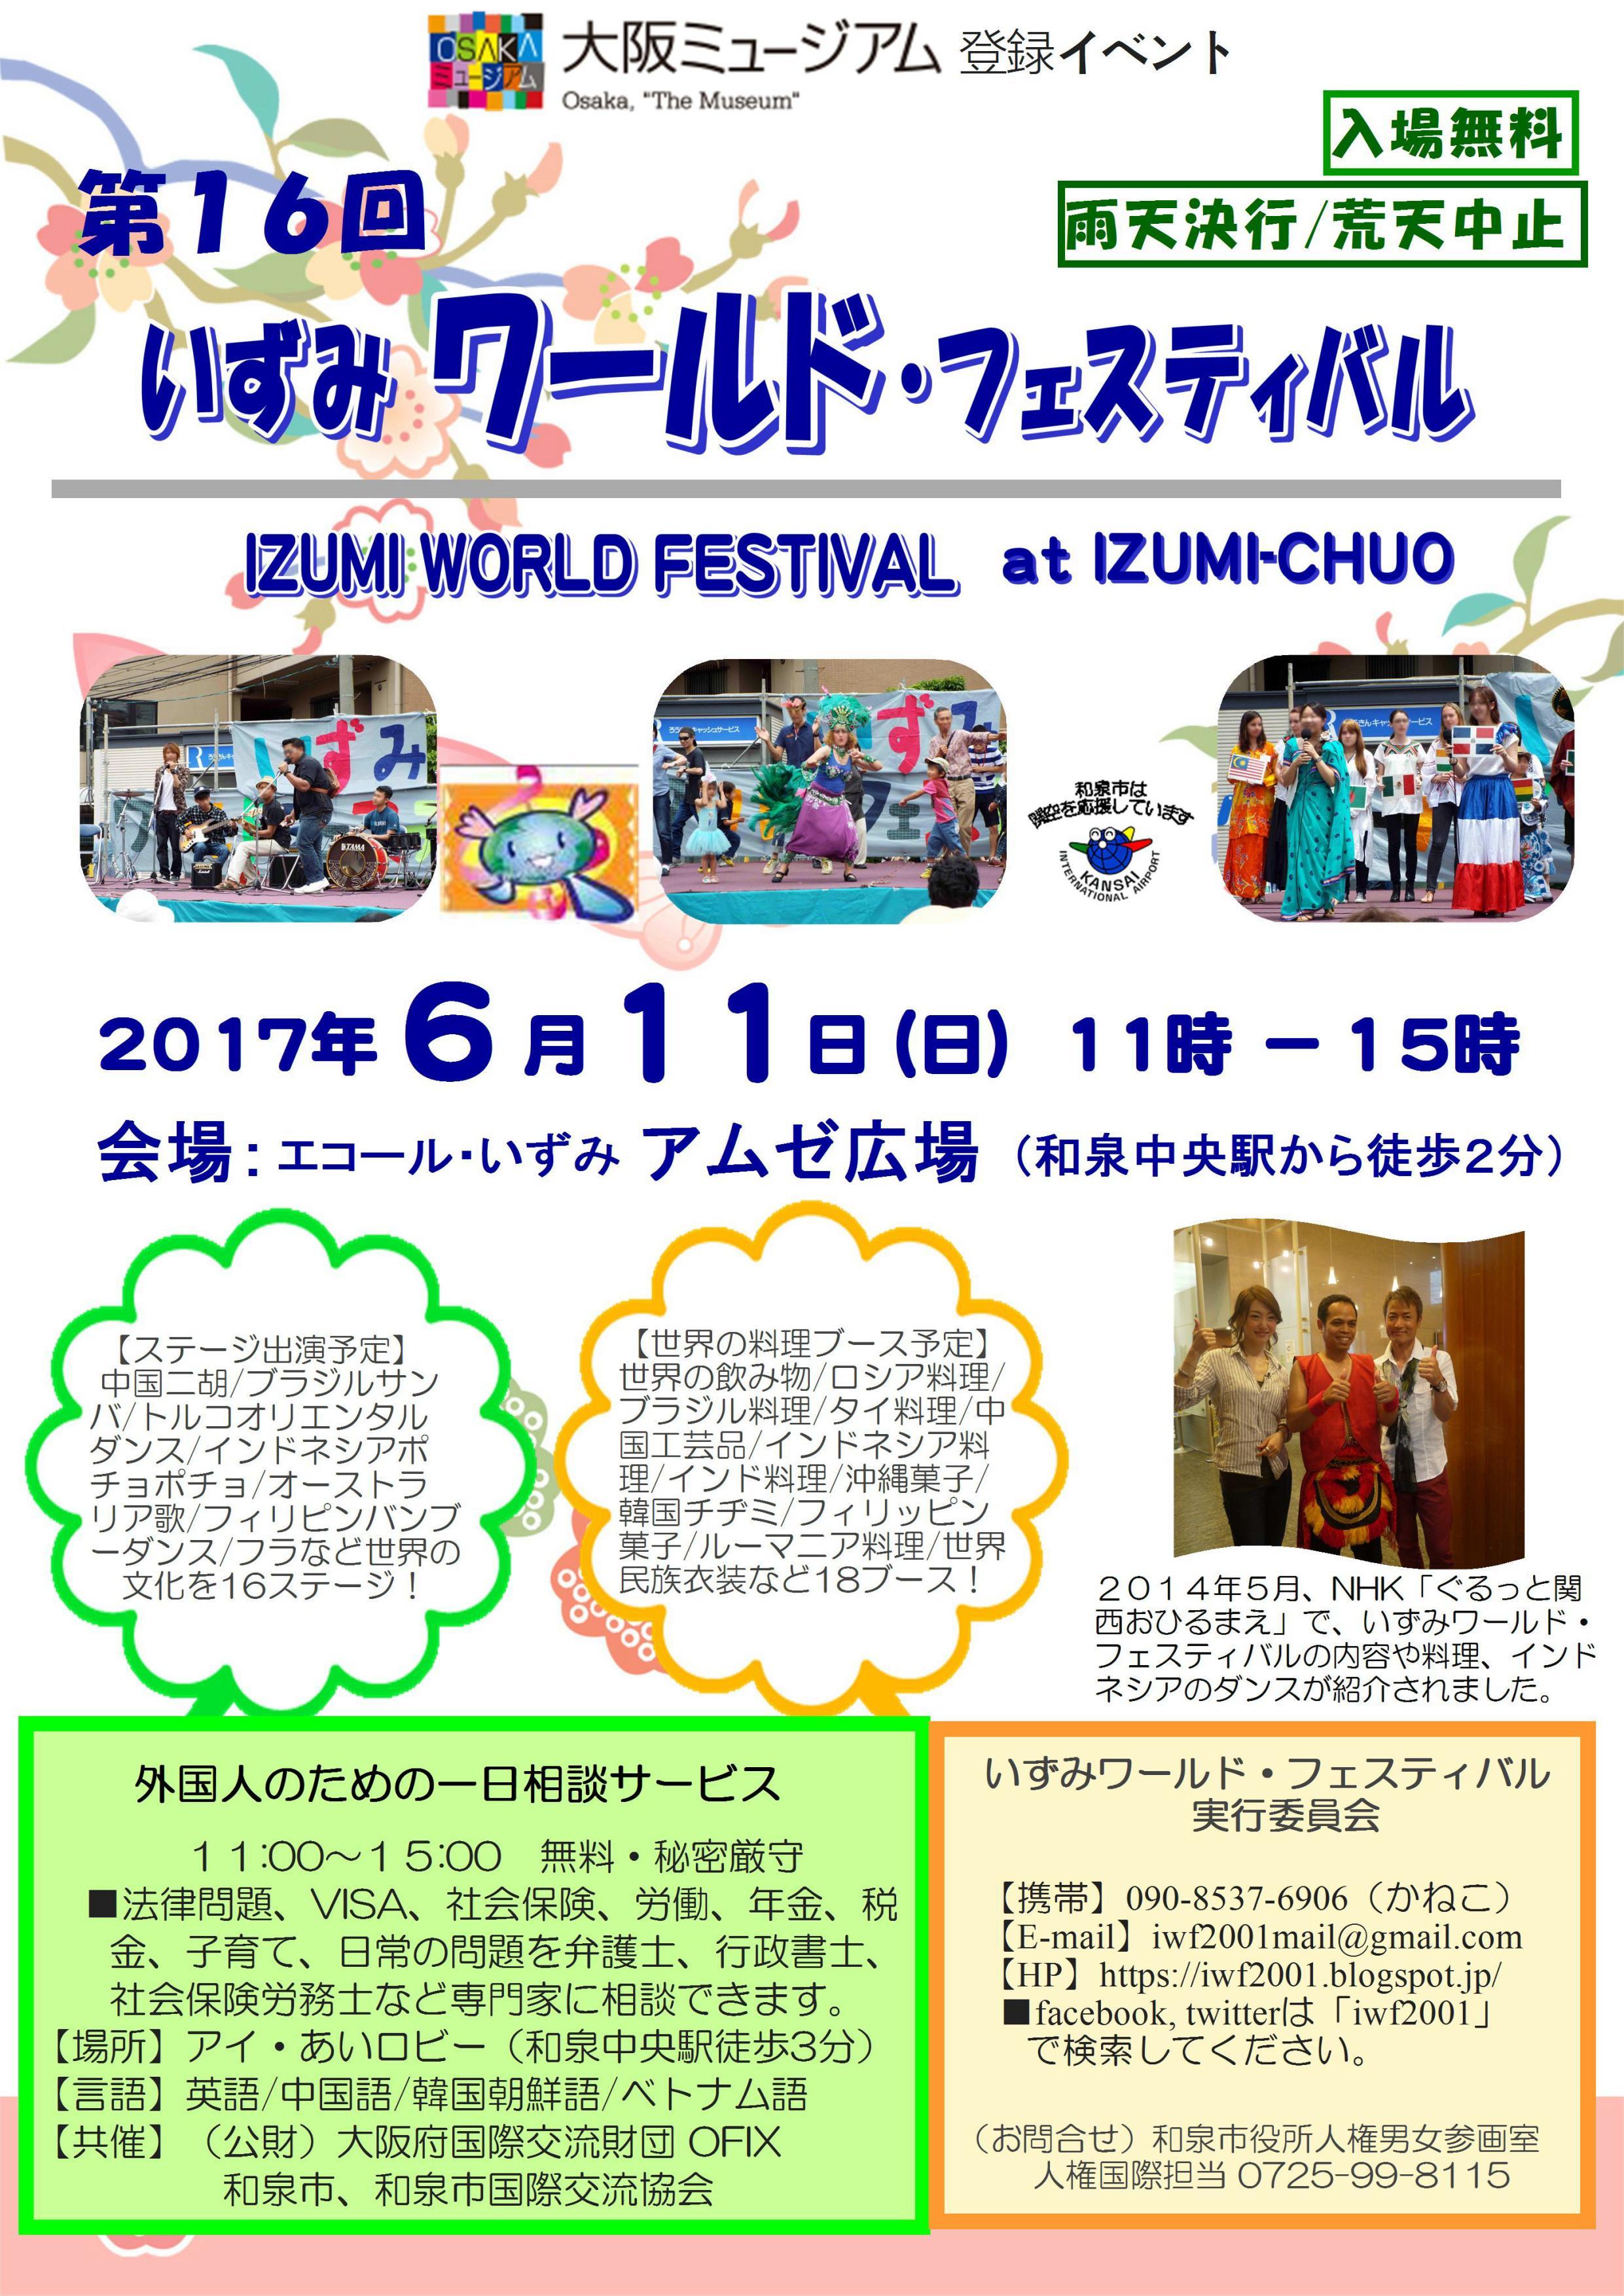 2017年6月11日(日)、第16回いずみワールド・フェスティバル開催!!